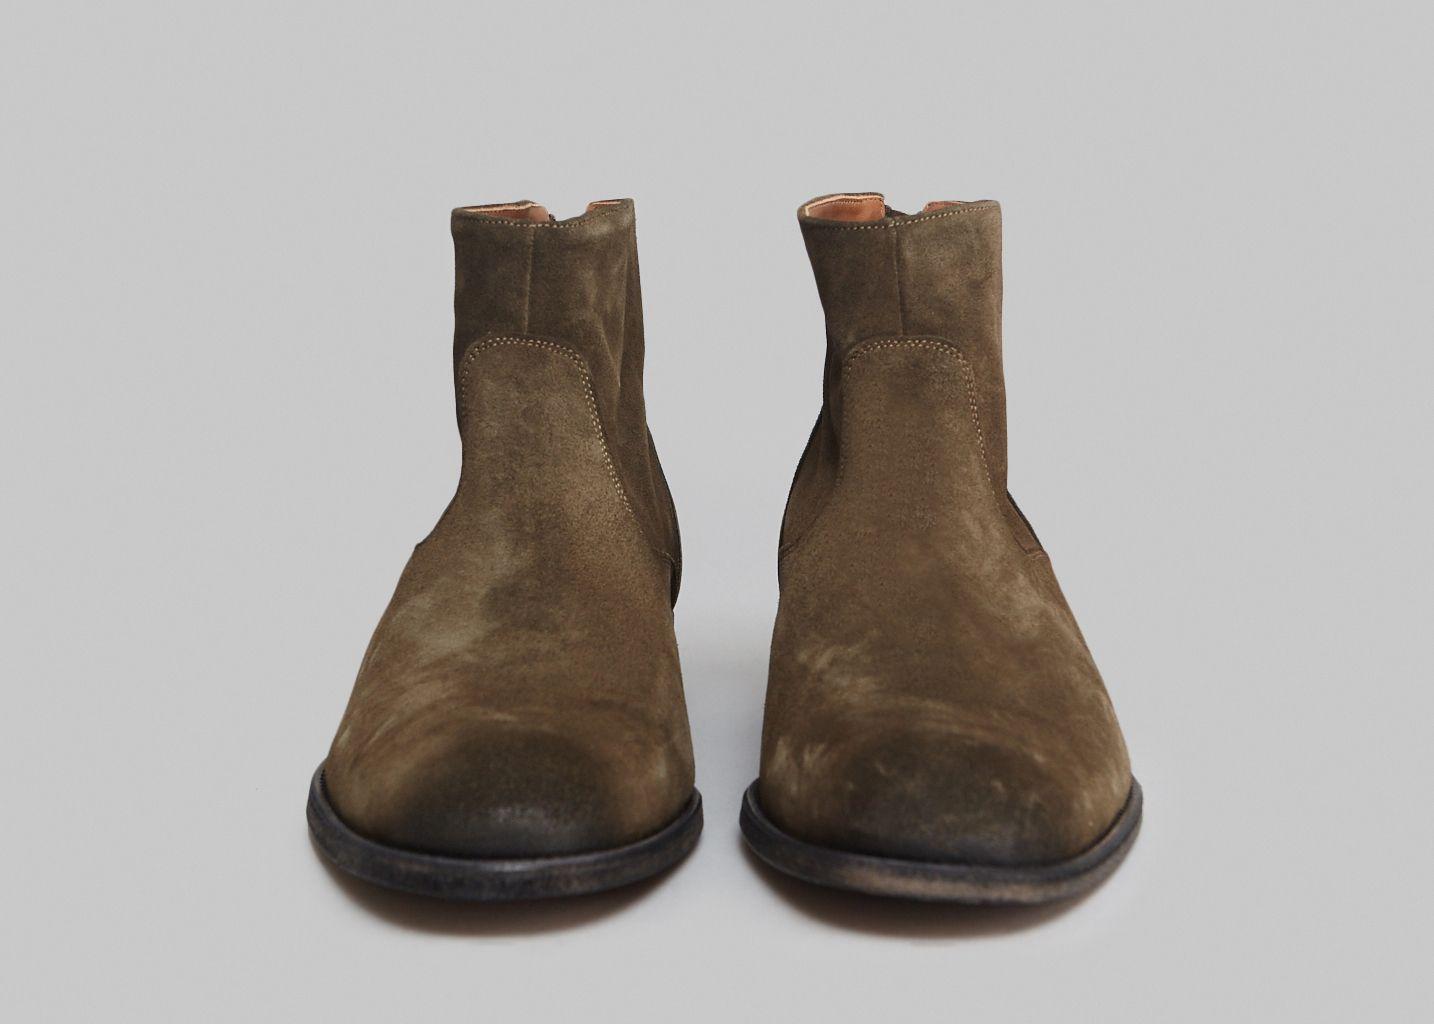 Boots 6834 - Anthology Paris